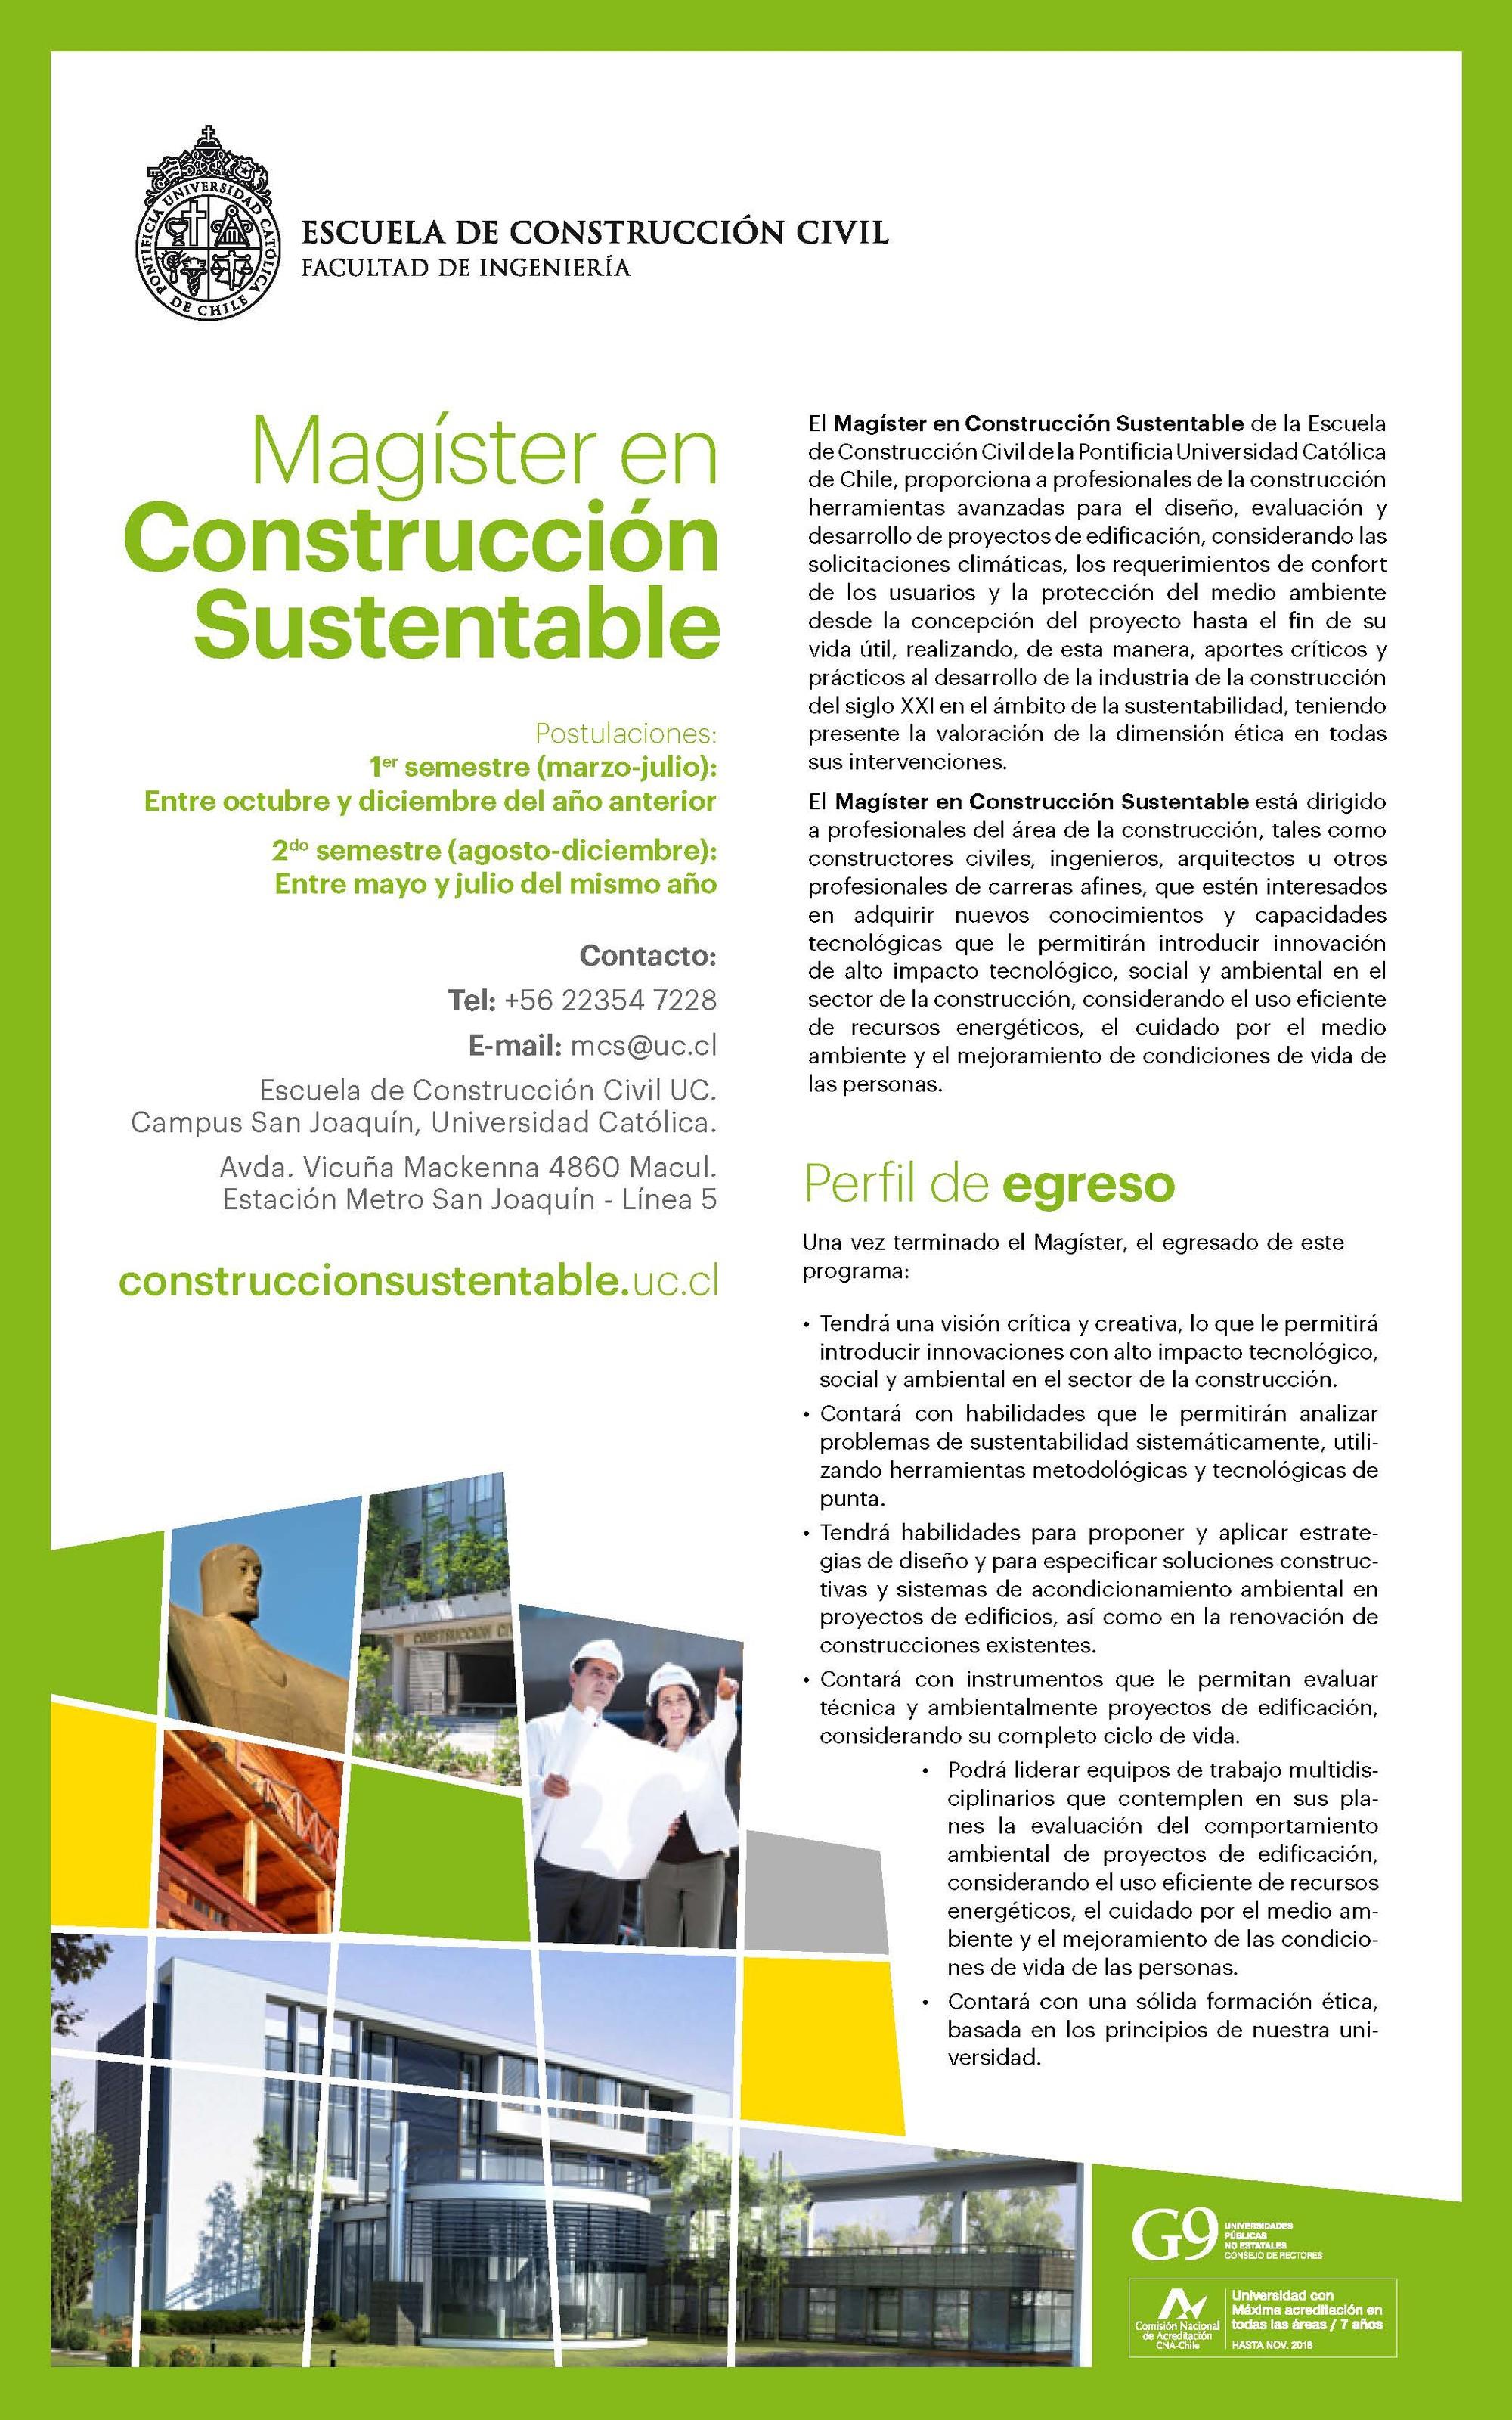 Galer a de nuevo mag ster en construcci n sustentable de for Proyectos de construccion de escuelas